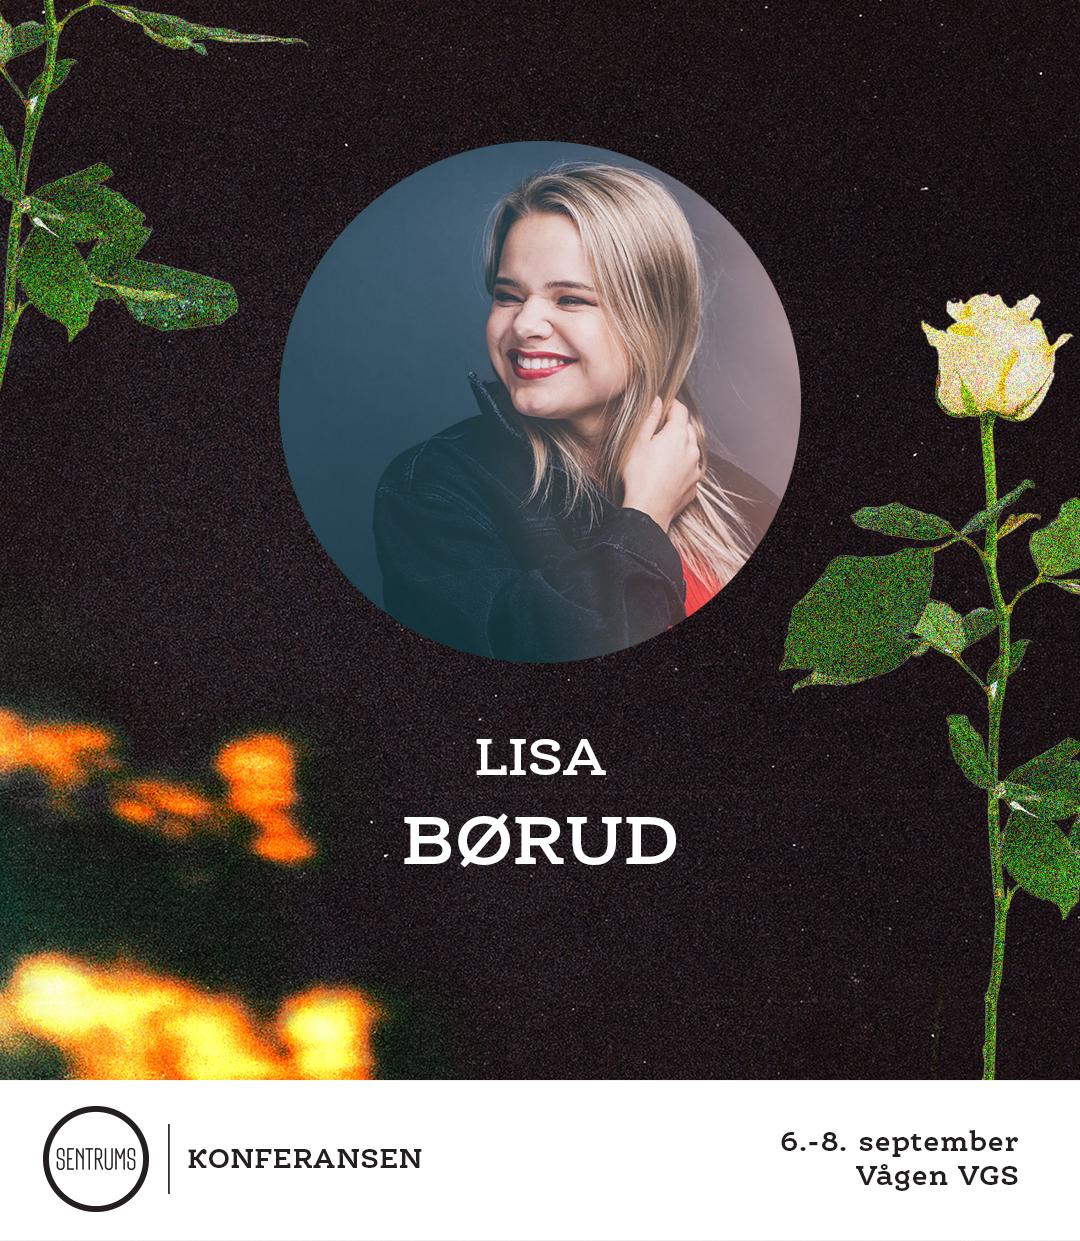 Lisa Børud trenger nesten ingen introduksjon. Barnestjernen som har klart å fenge flere generasjoner med musikk, dans og inspirasjon. Hun holder også til i Filadelfiakirken Oslo og gleder seg til å være involvert både i barnas og ungdommenes konferanse!